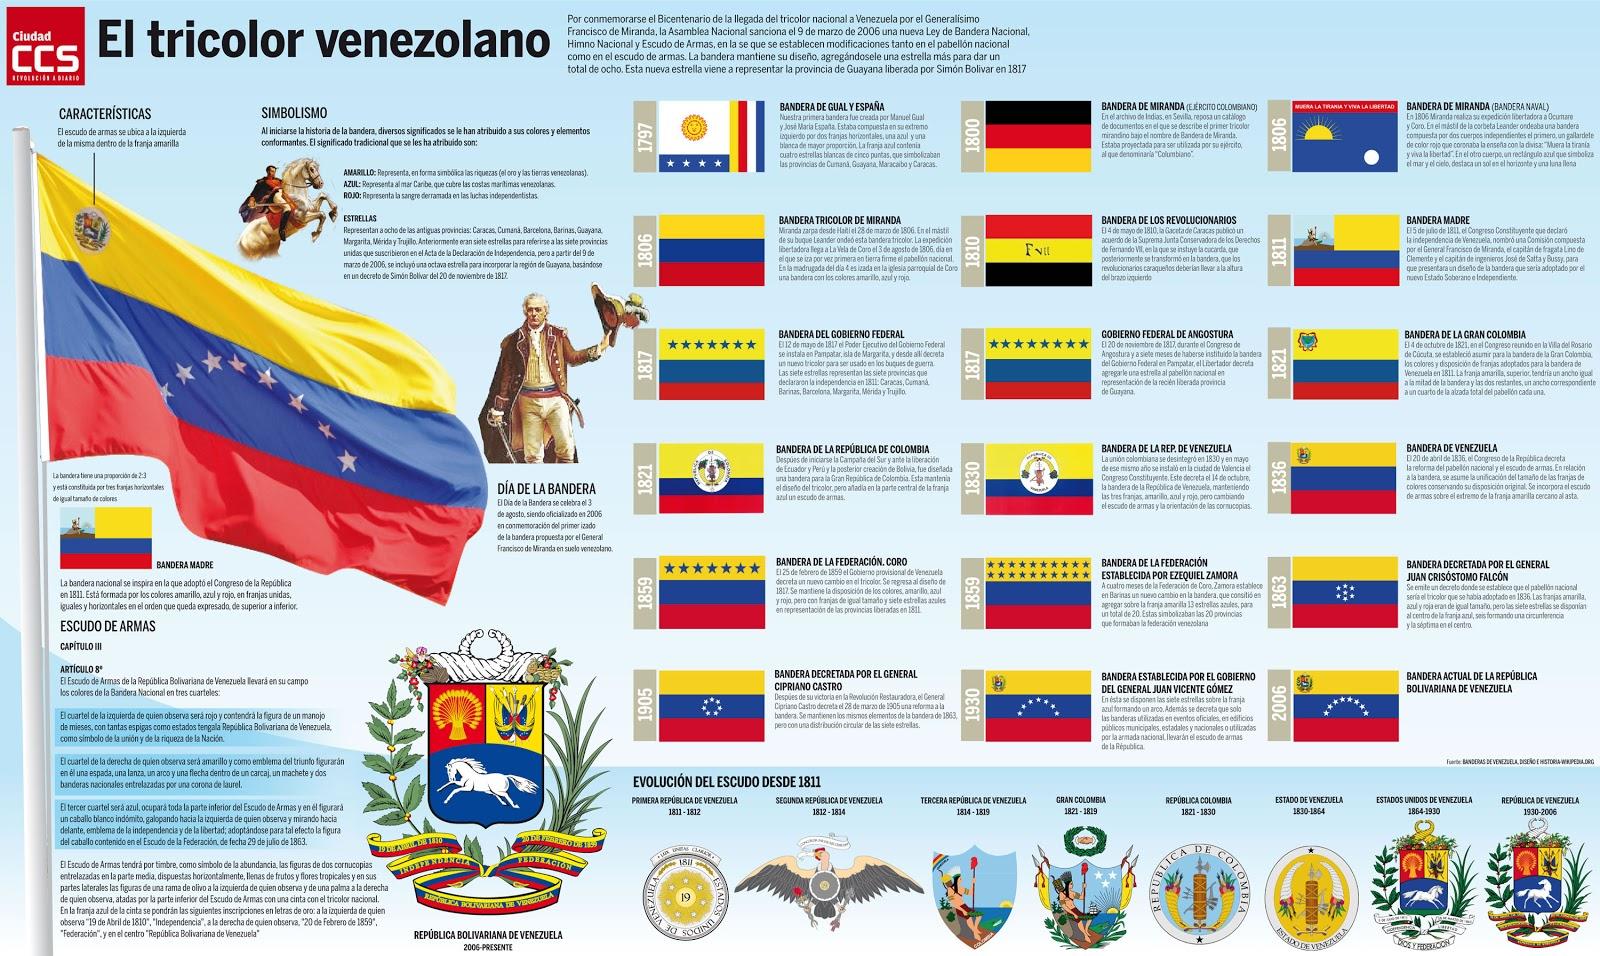 Historia gráfica de la bandera de Venezuela. | ANIMALEANDO VENEZUELA